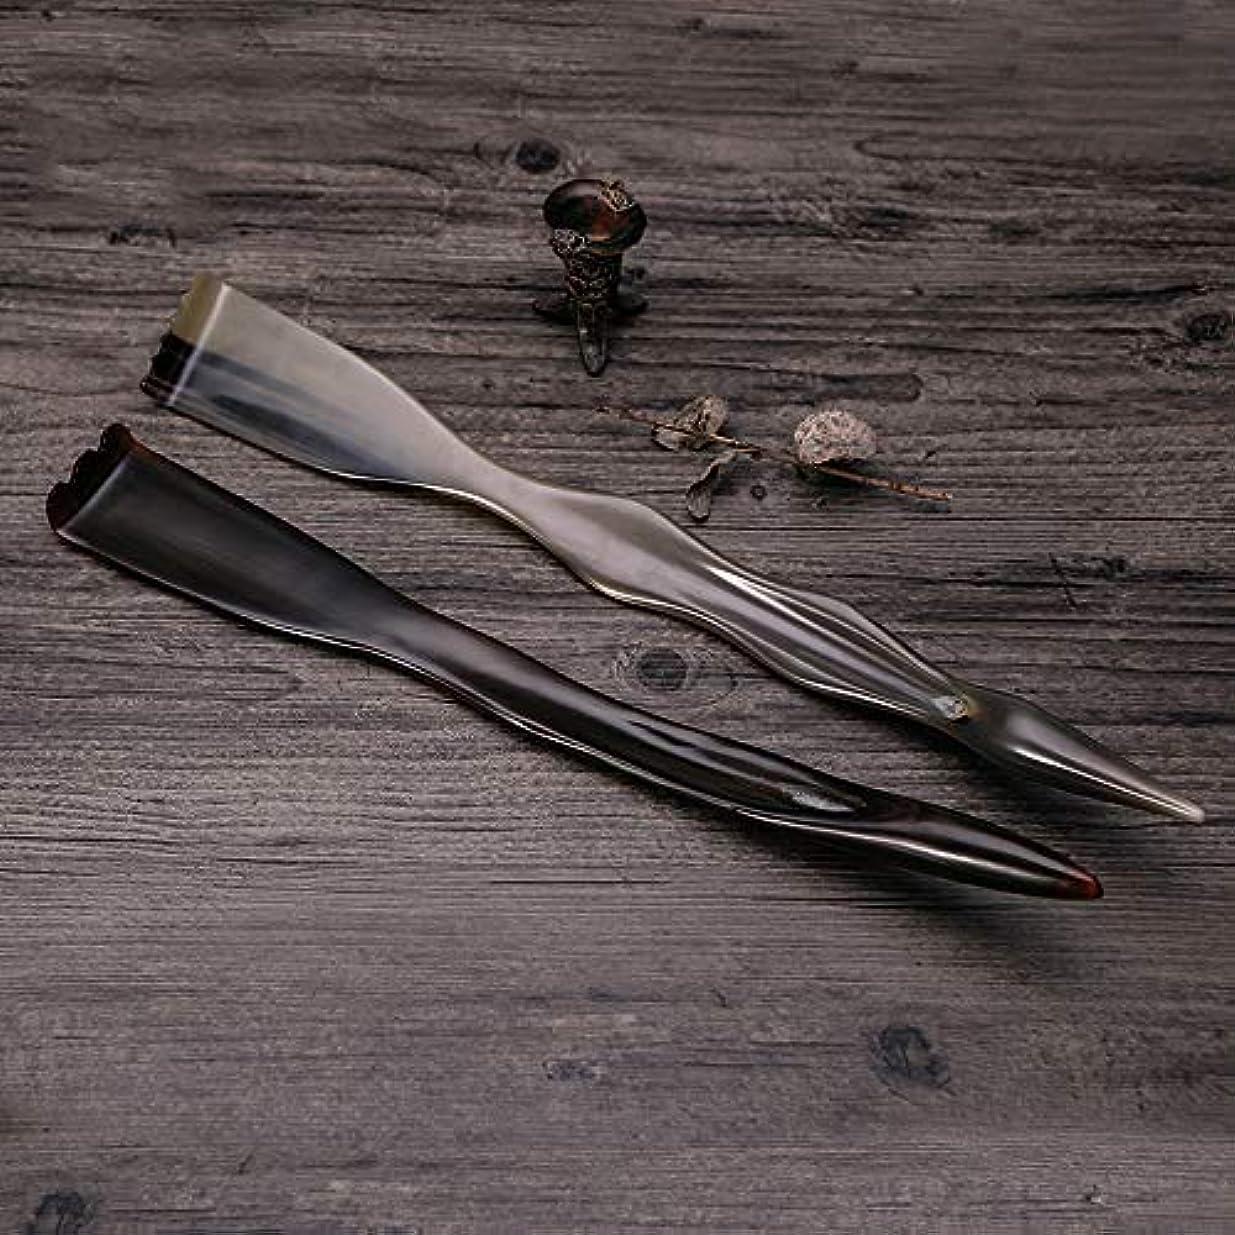 分類海里三番Akagi 熊手 まごの手 伸縮 携帯用スクラッチャー 背中掻きブラシ ポータブル ハンドヘルド まごの手 プレゼント 敬老の日 エーユードリーム